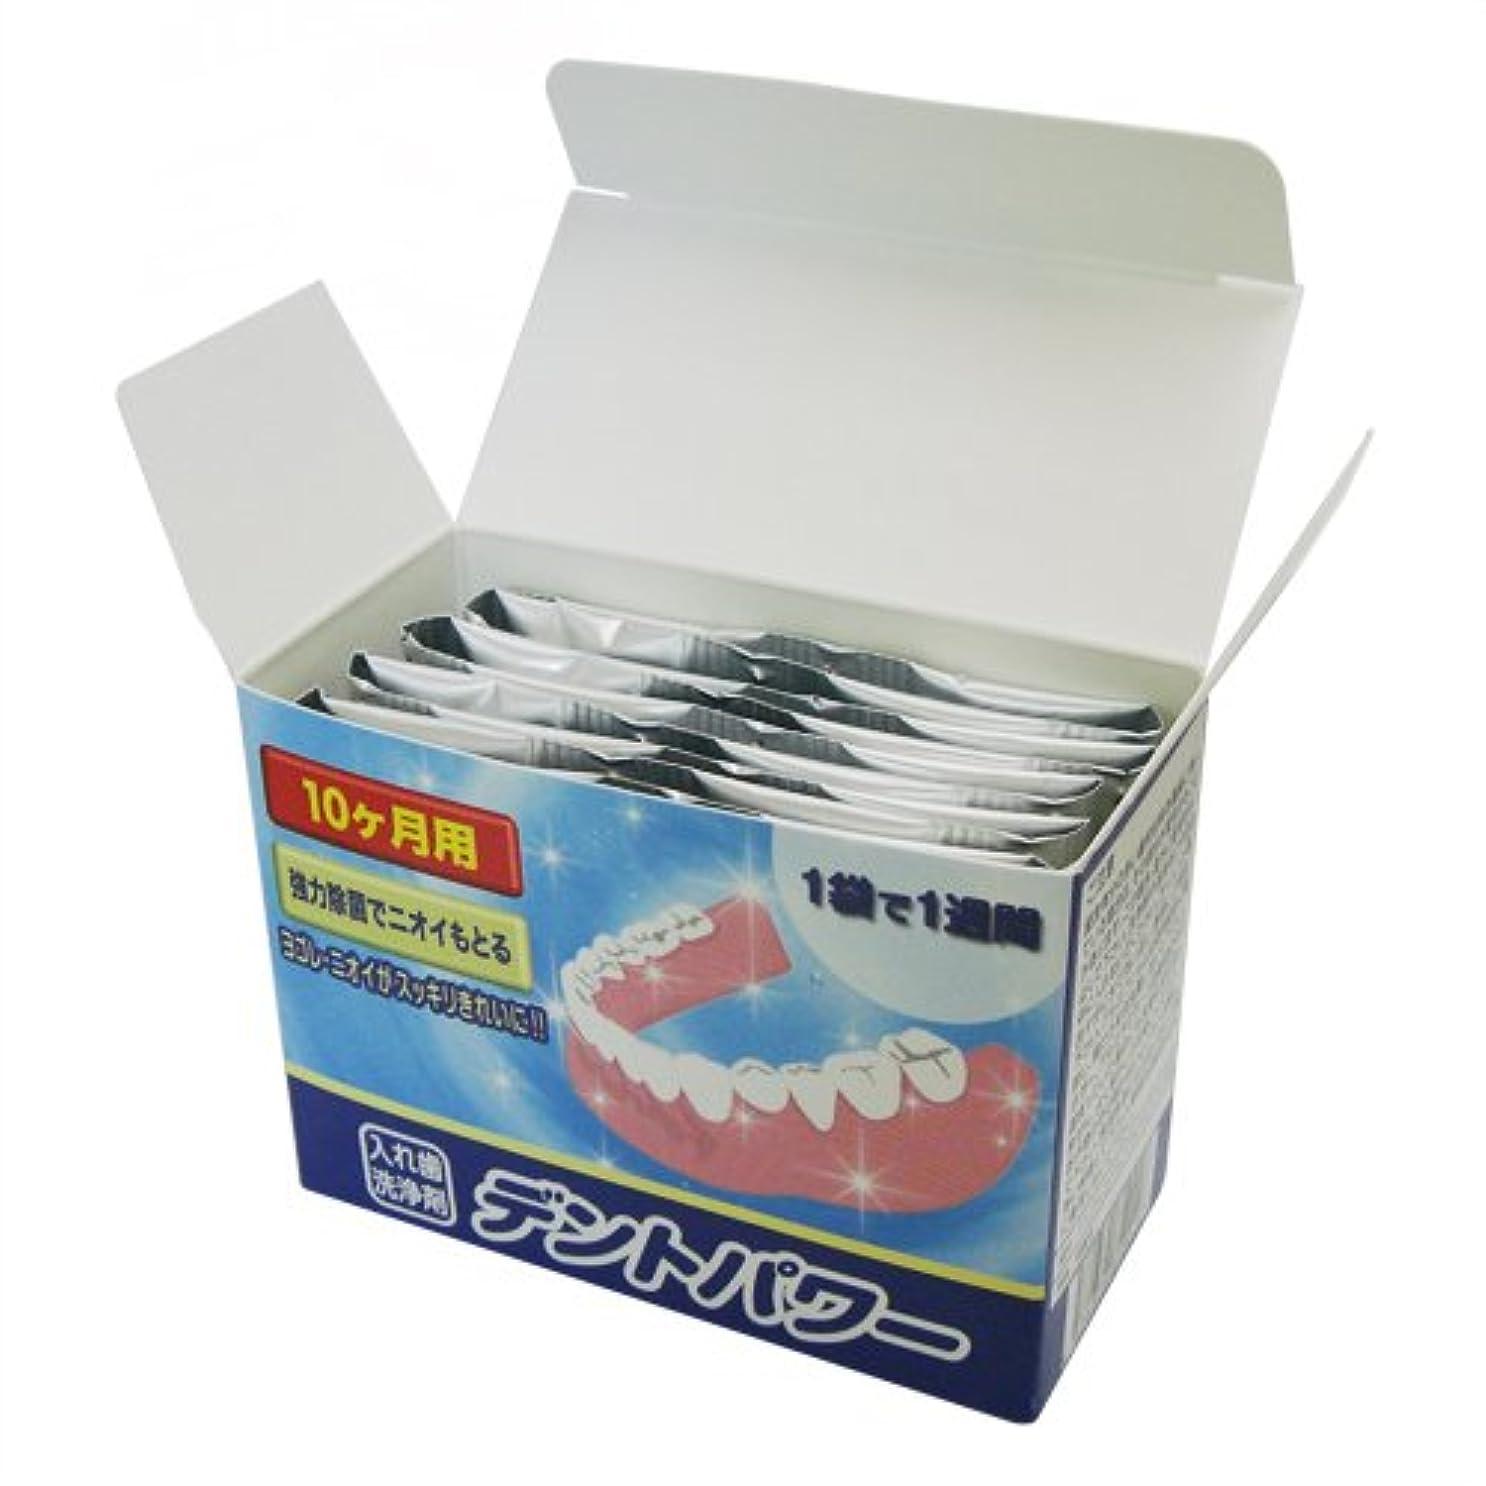 容赦ない深める発行するデントパワー 入れ歯洗浄剤 10ヵ月用(専用ケース無し)